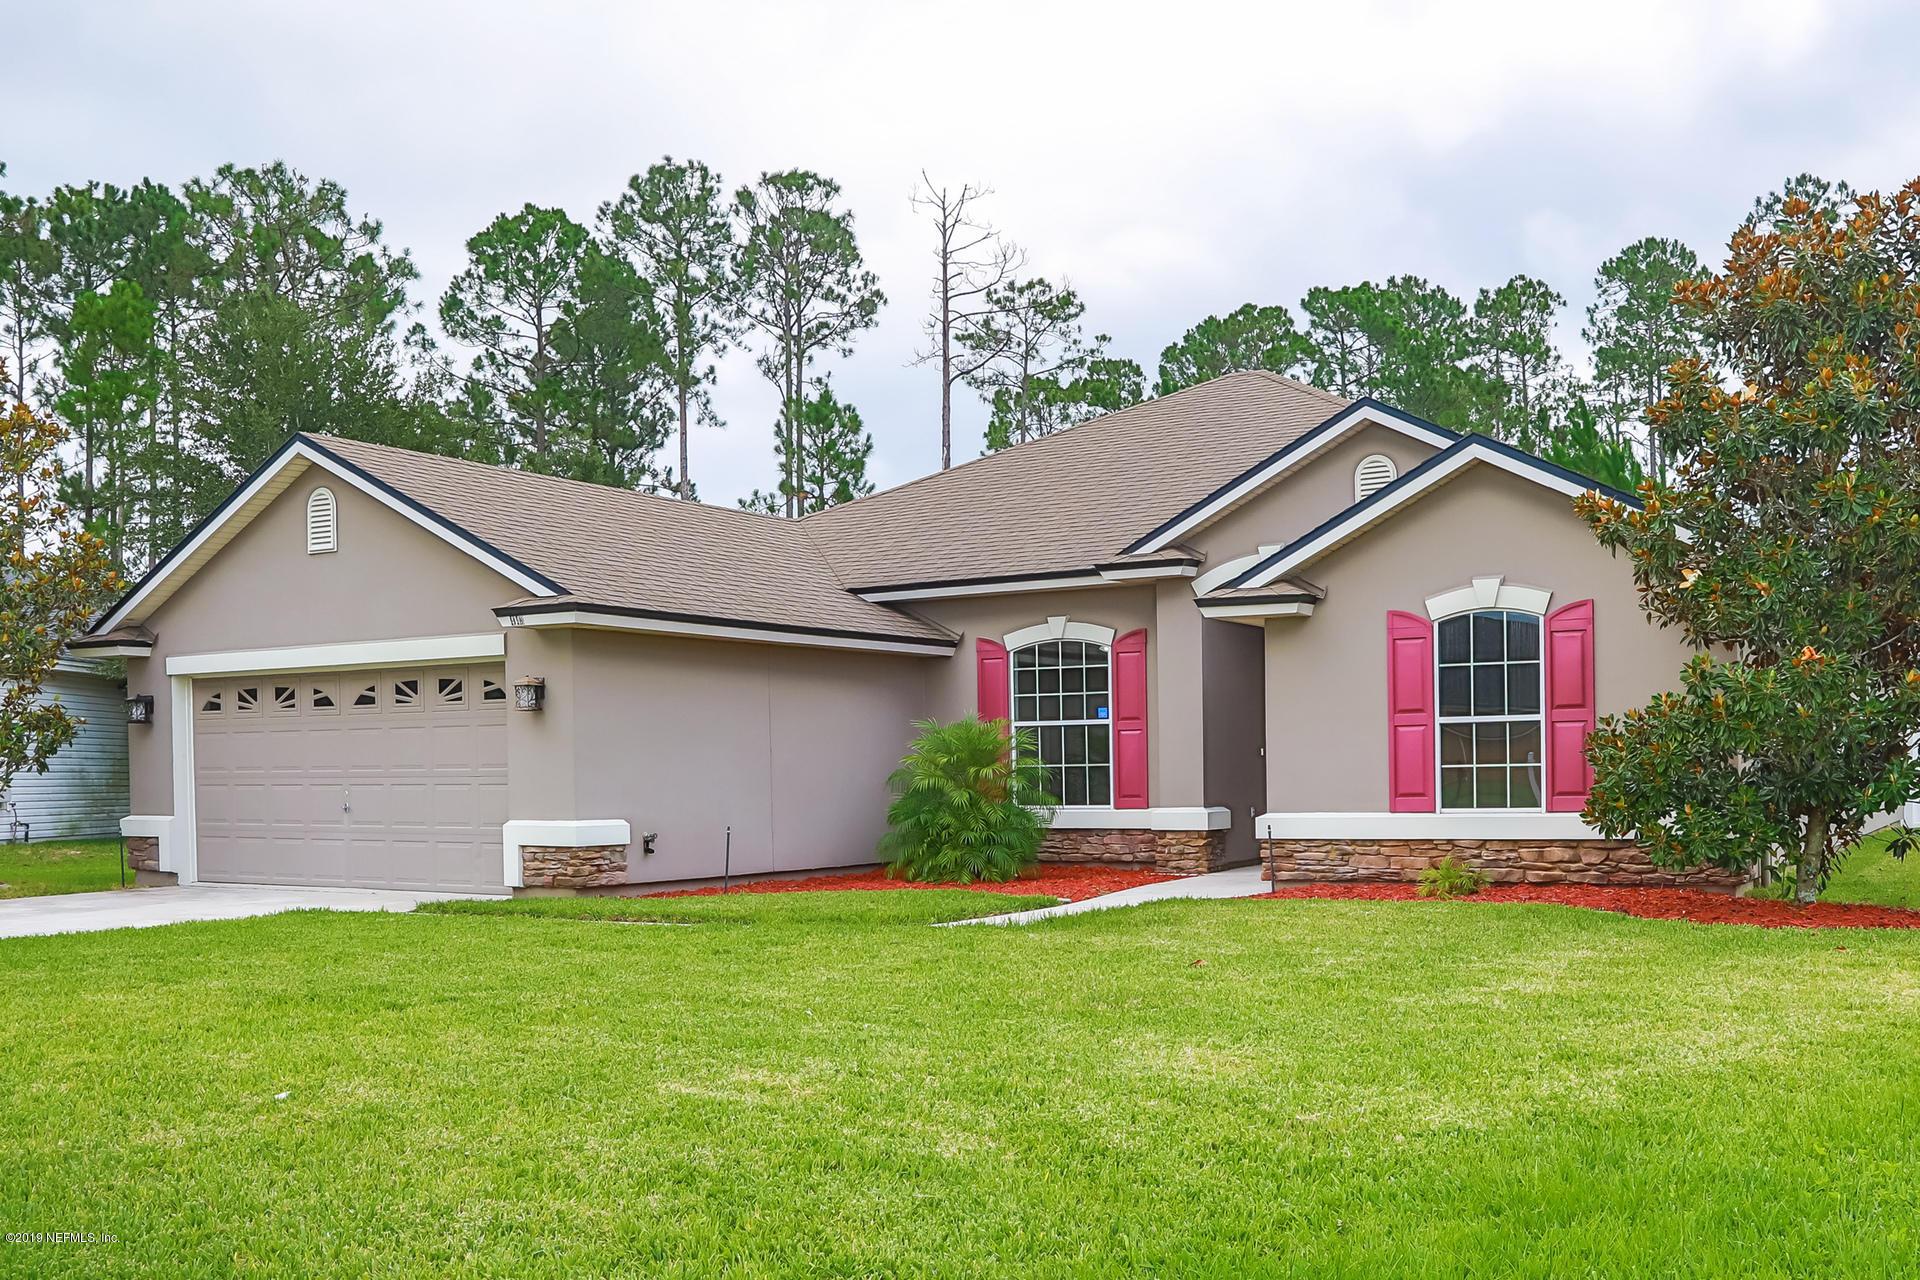 Photo of 4143 SANDHILL CRANE, MIDDLEBURG, FL 32068